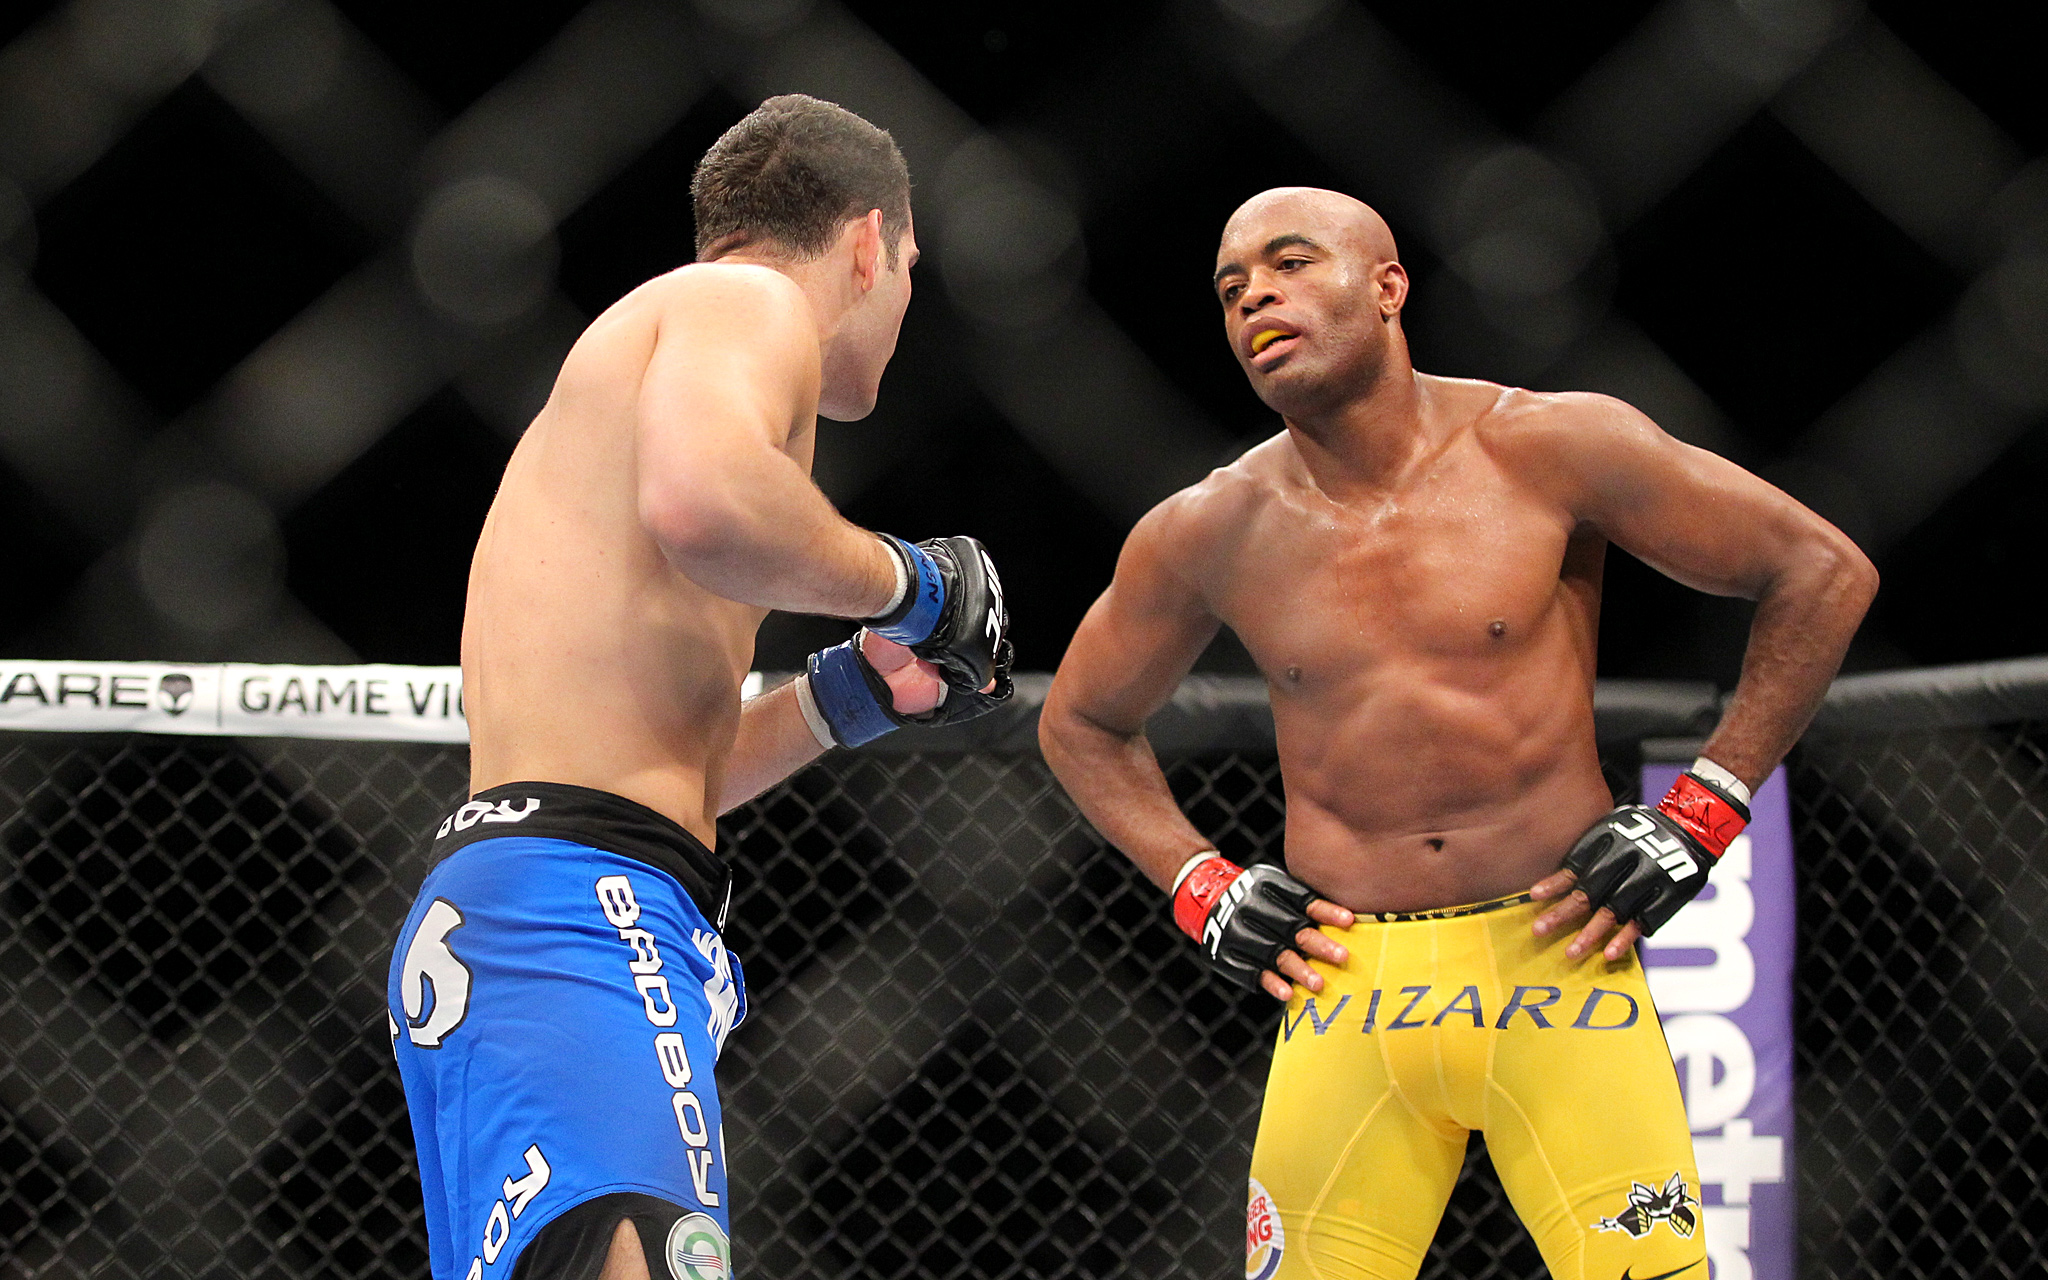 video review : Anderson Silva versus Chris Weidman at UFC 162